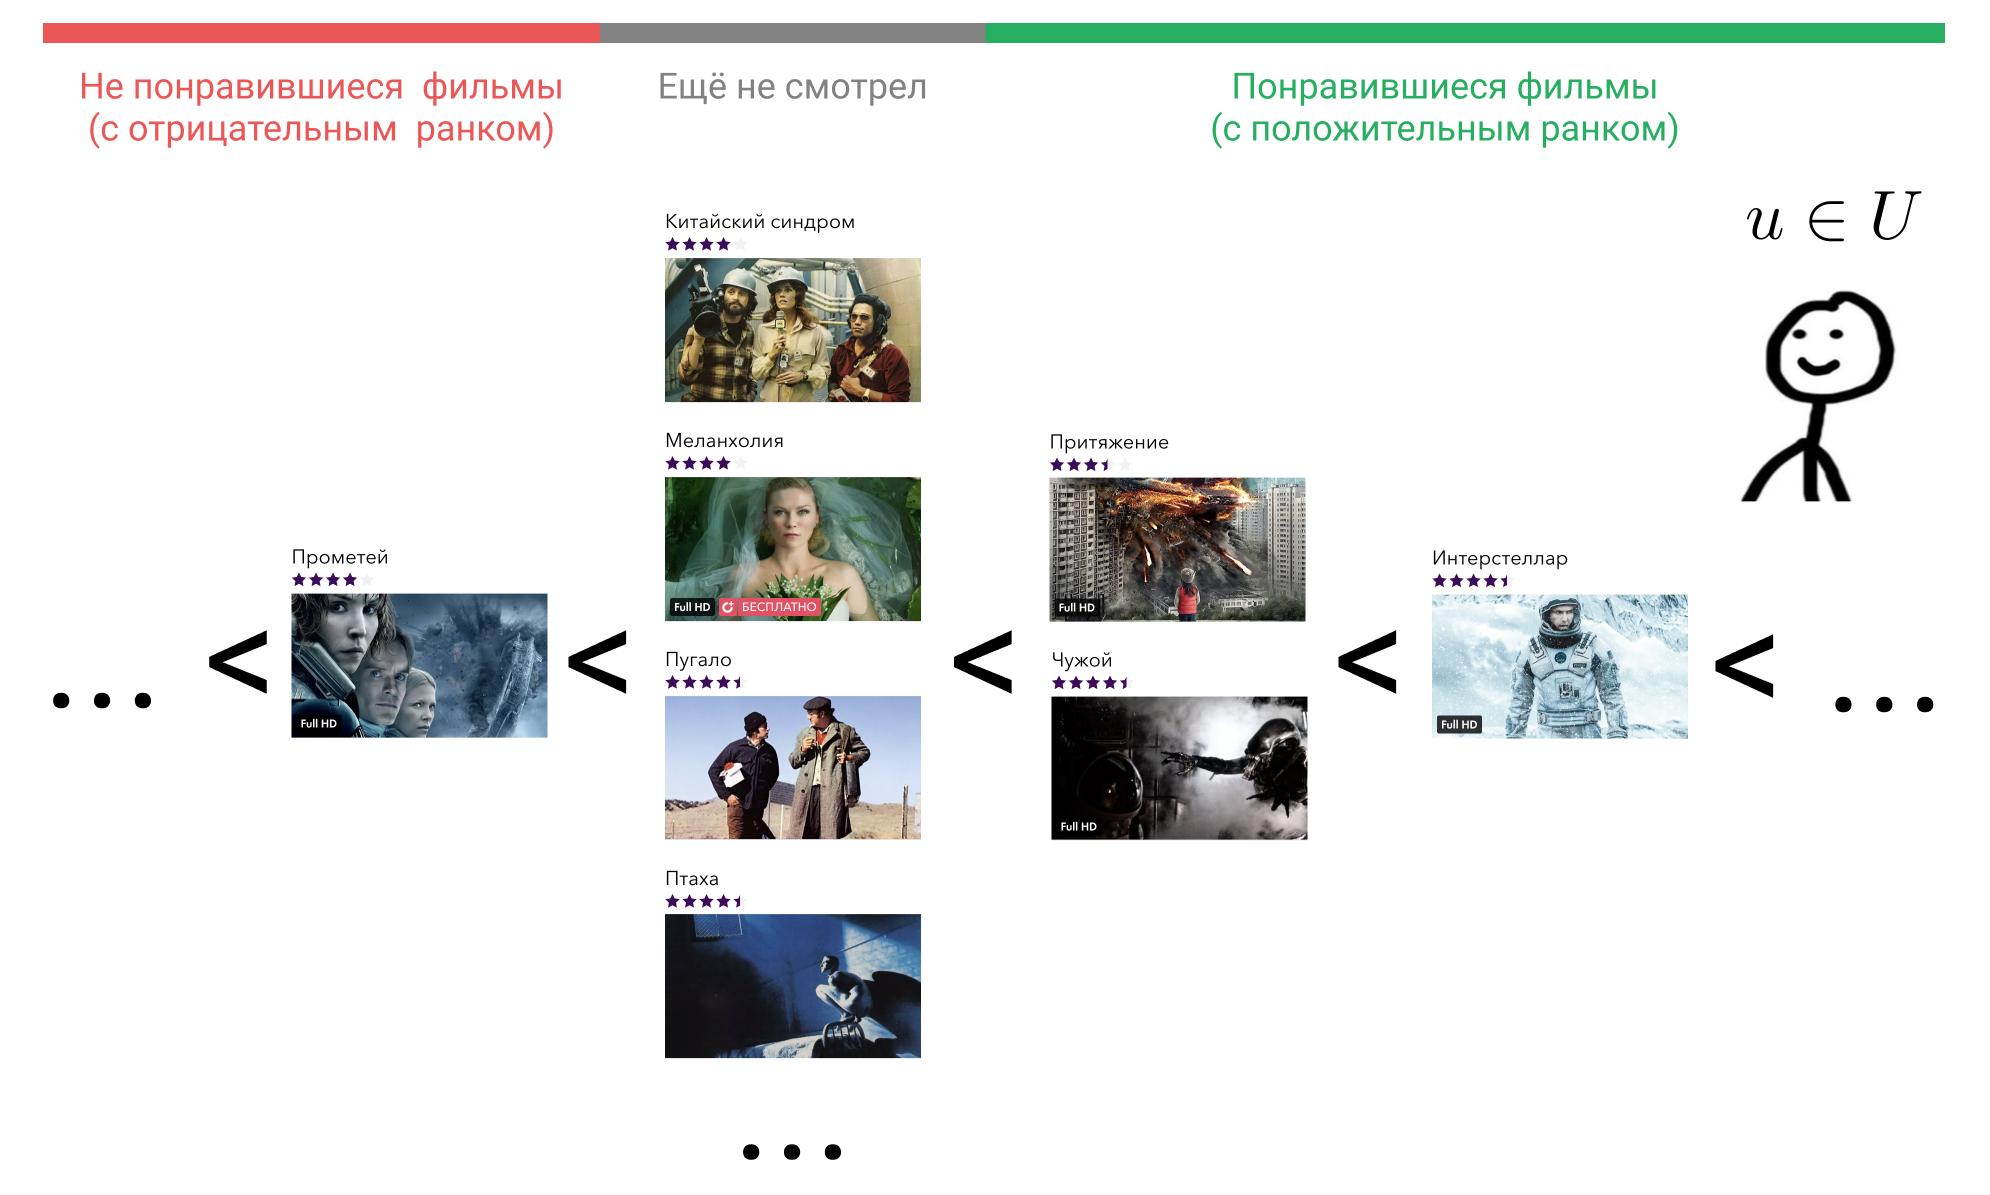 Иллюстрация отношения порядка на множестве фильмов в голове пользователя